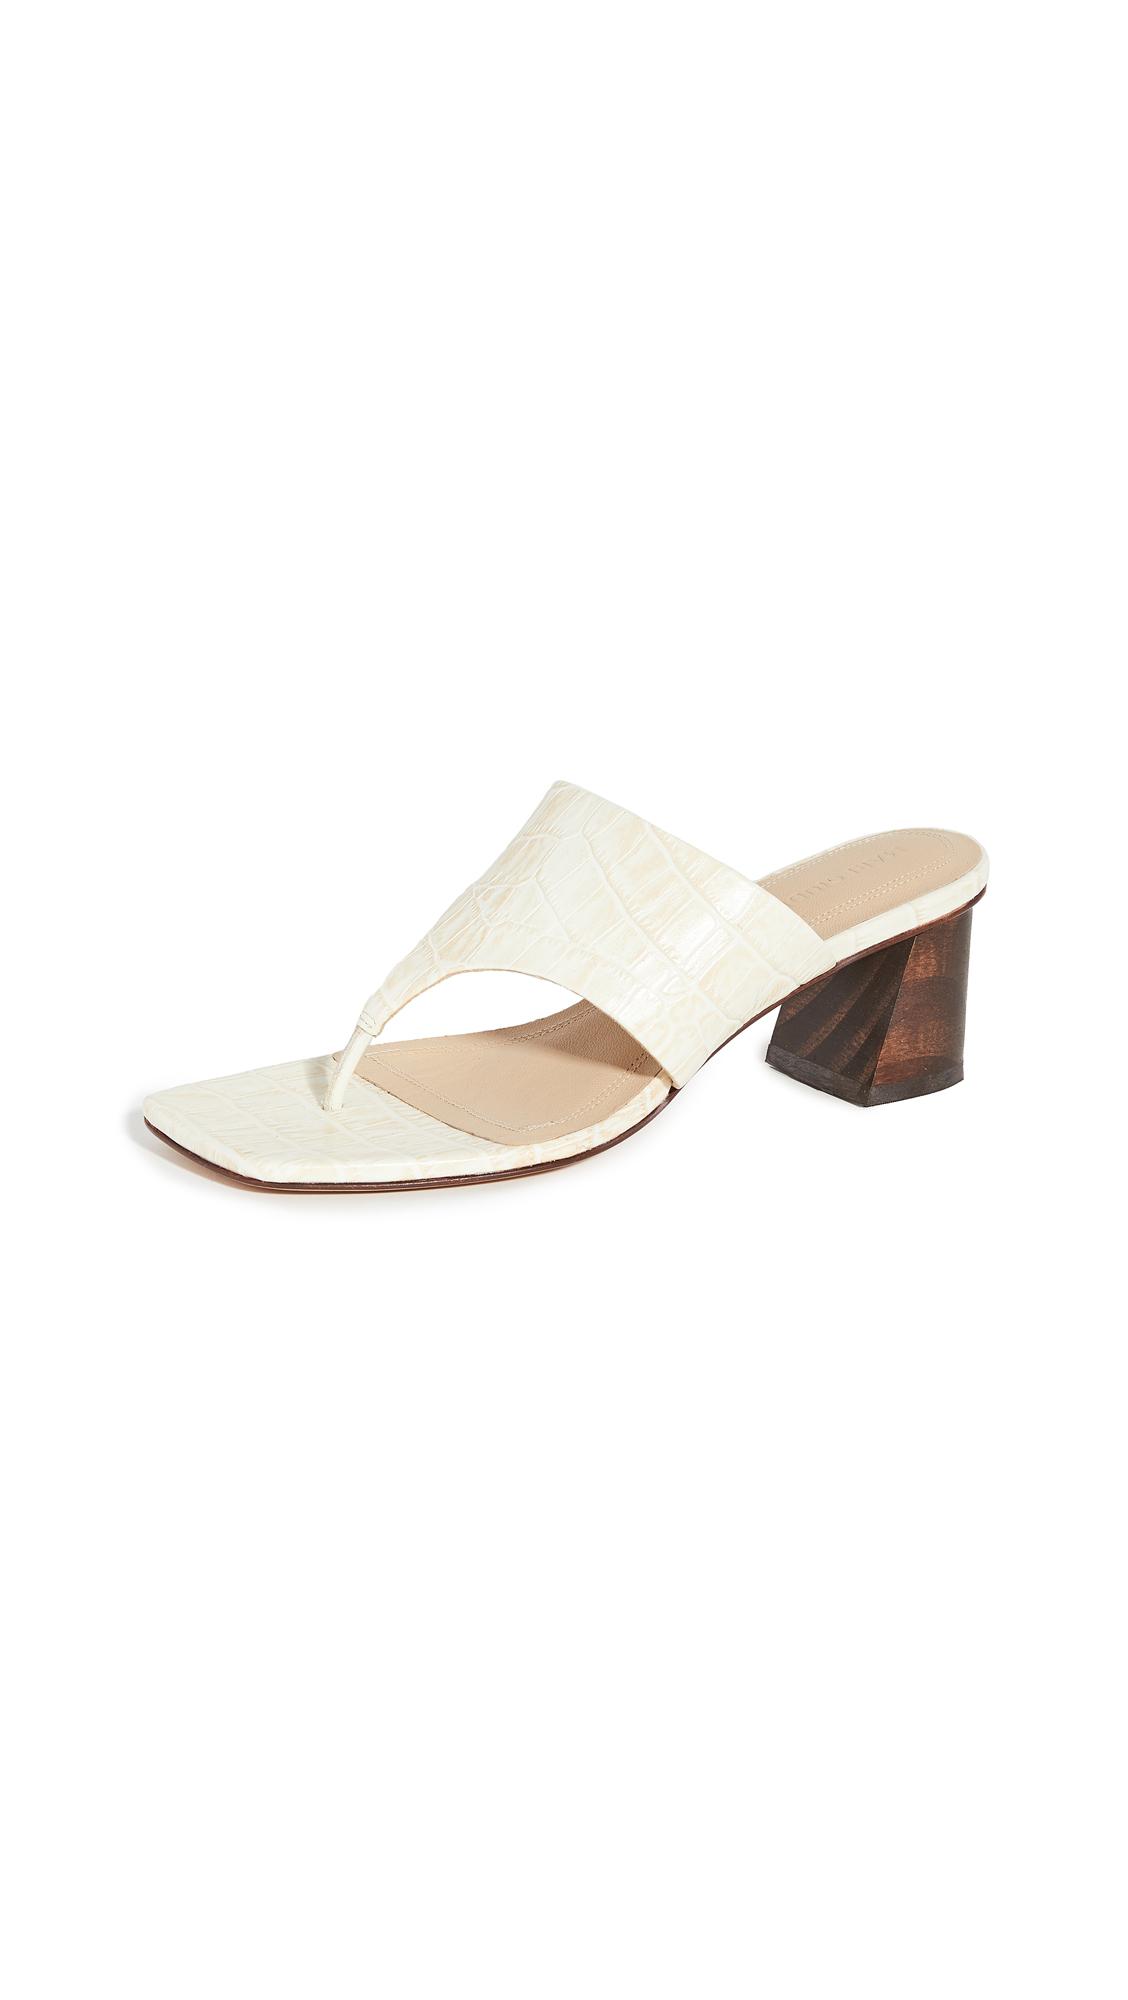 Mari Giudicelli Copa Sandals – 30% Off Sale